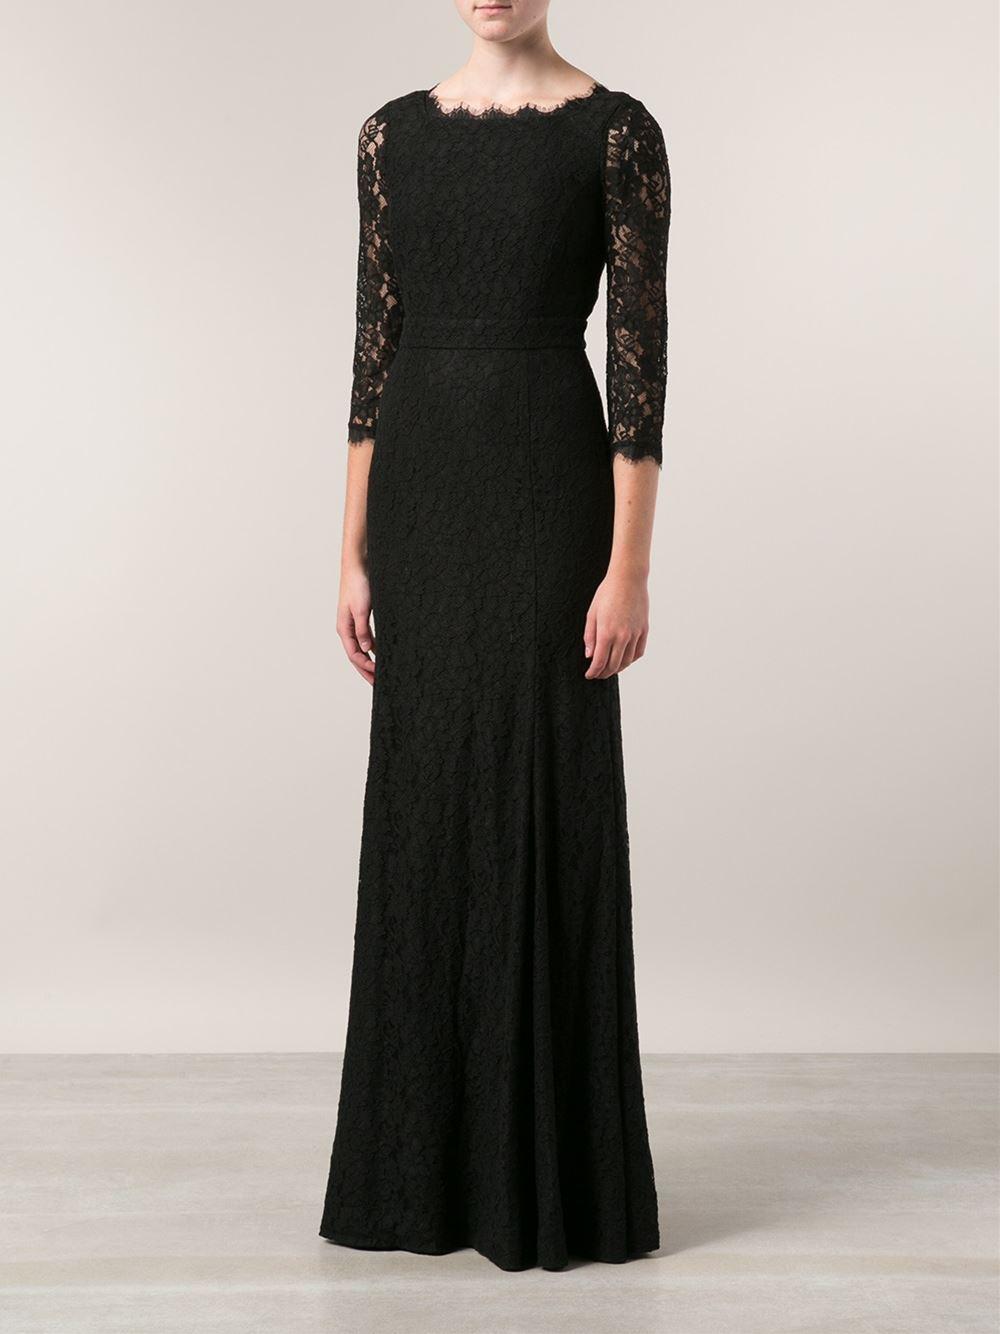 Diane von furstenberg 'zarita' gown